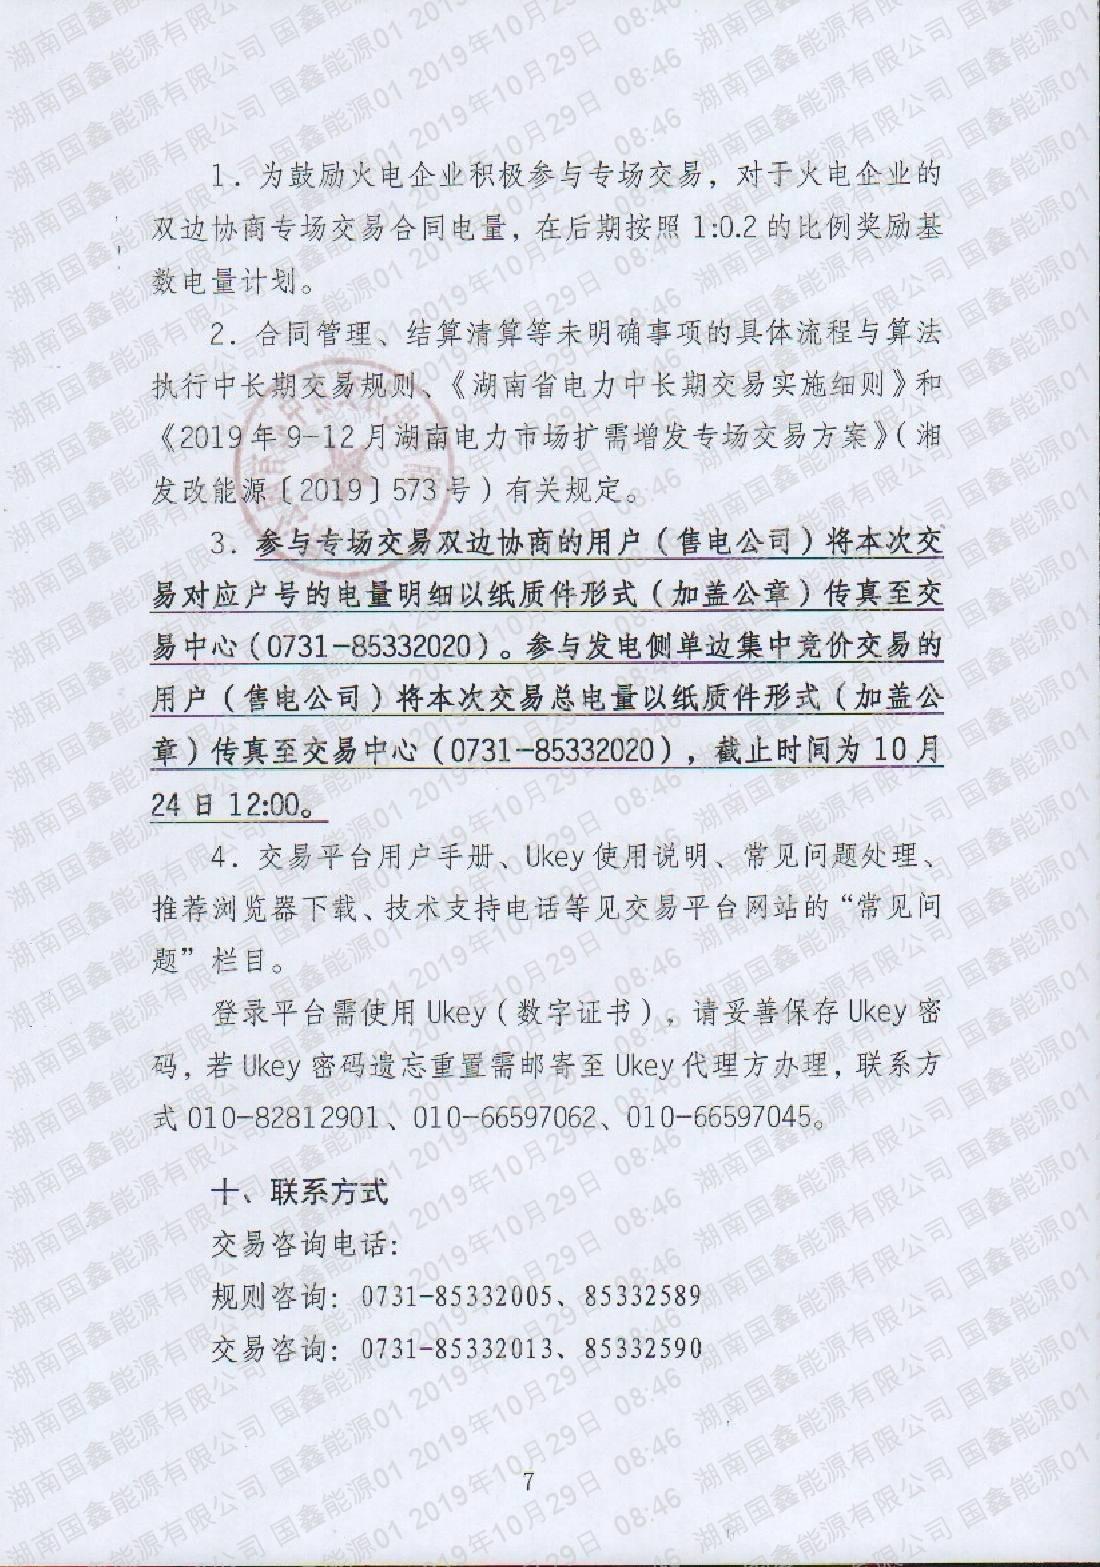 2019年第26號交易公告(11月擴需增發專場交易).pdf_page_7_compressed.jpg